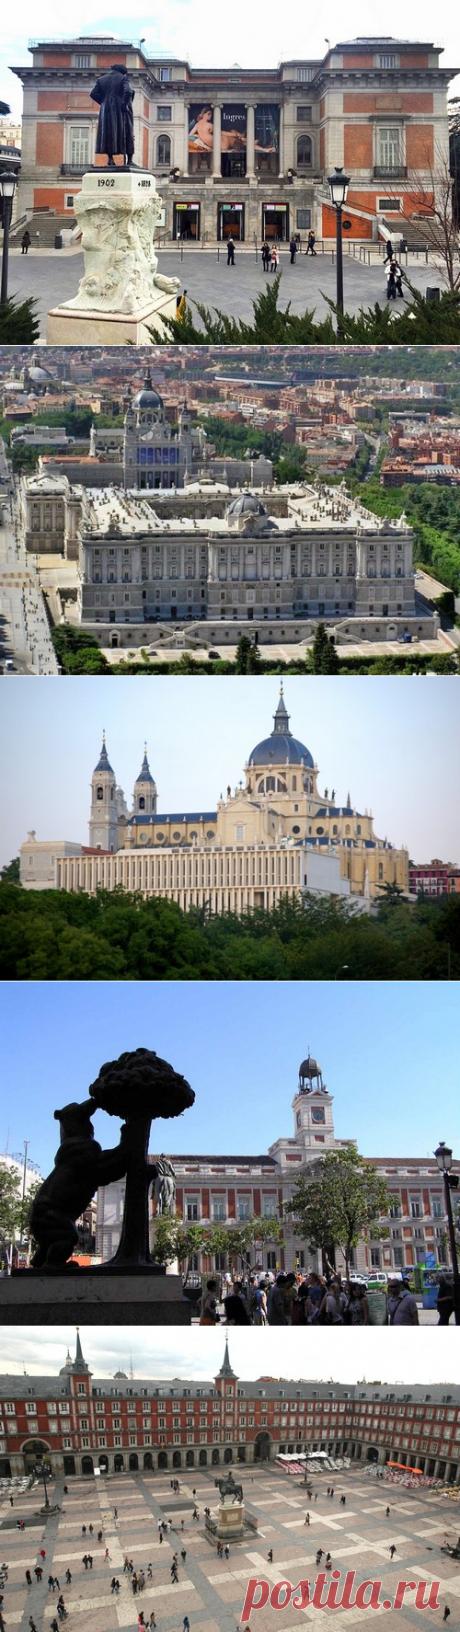 Достопримечательности Мадрида, ТОП TOP 10 мест , которые обязательно надо посмотреть в Мадриде